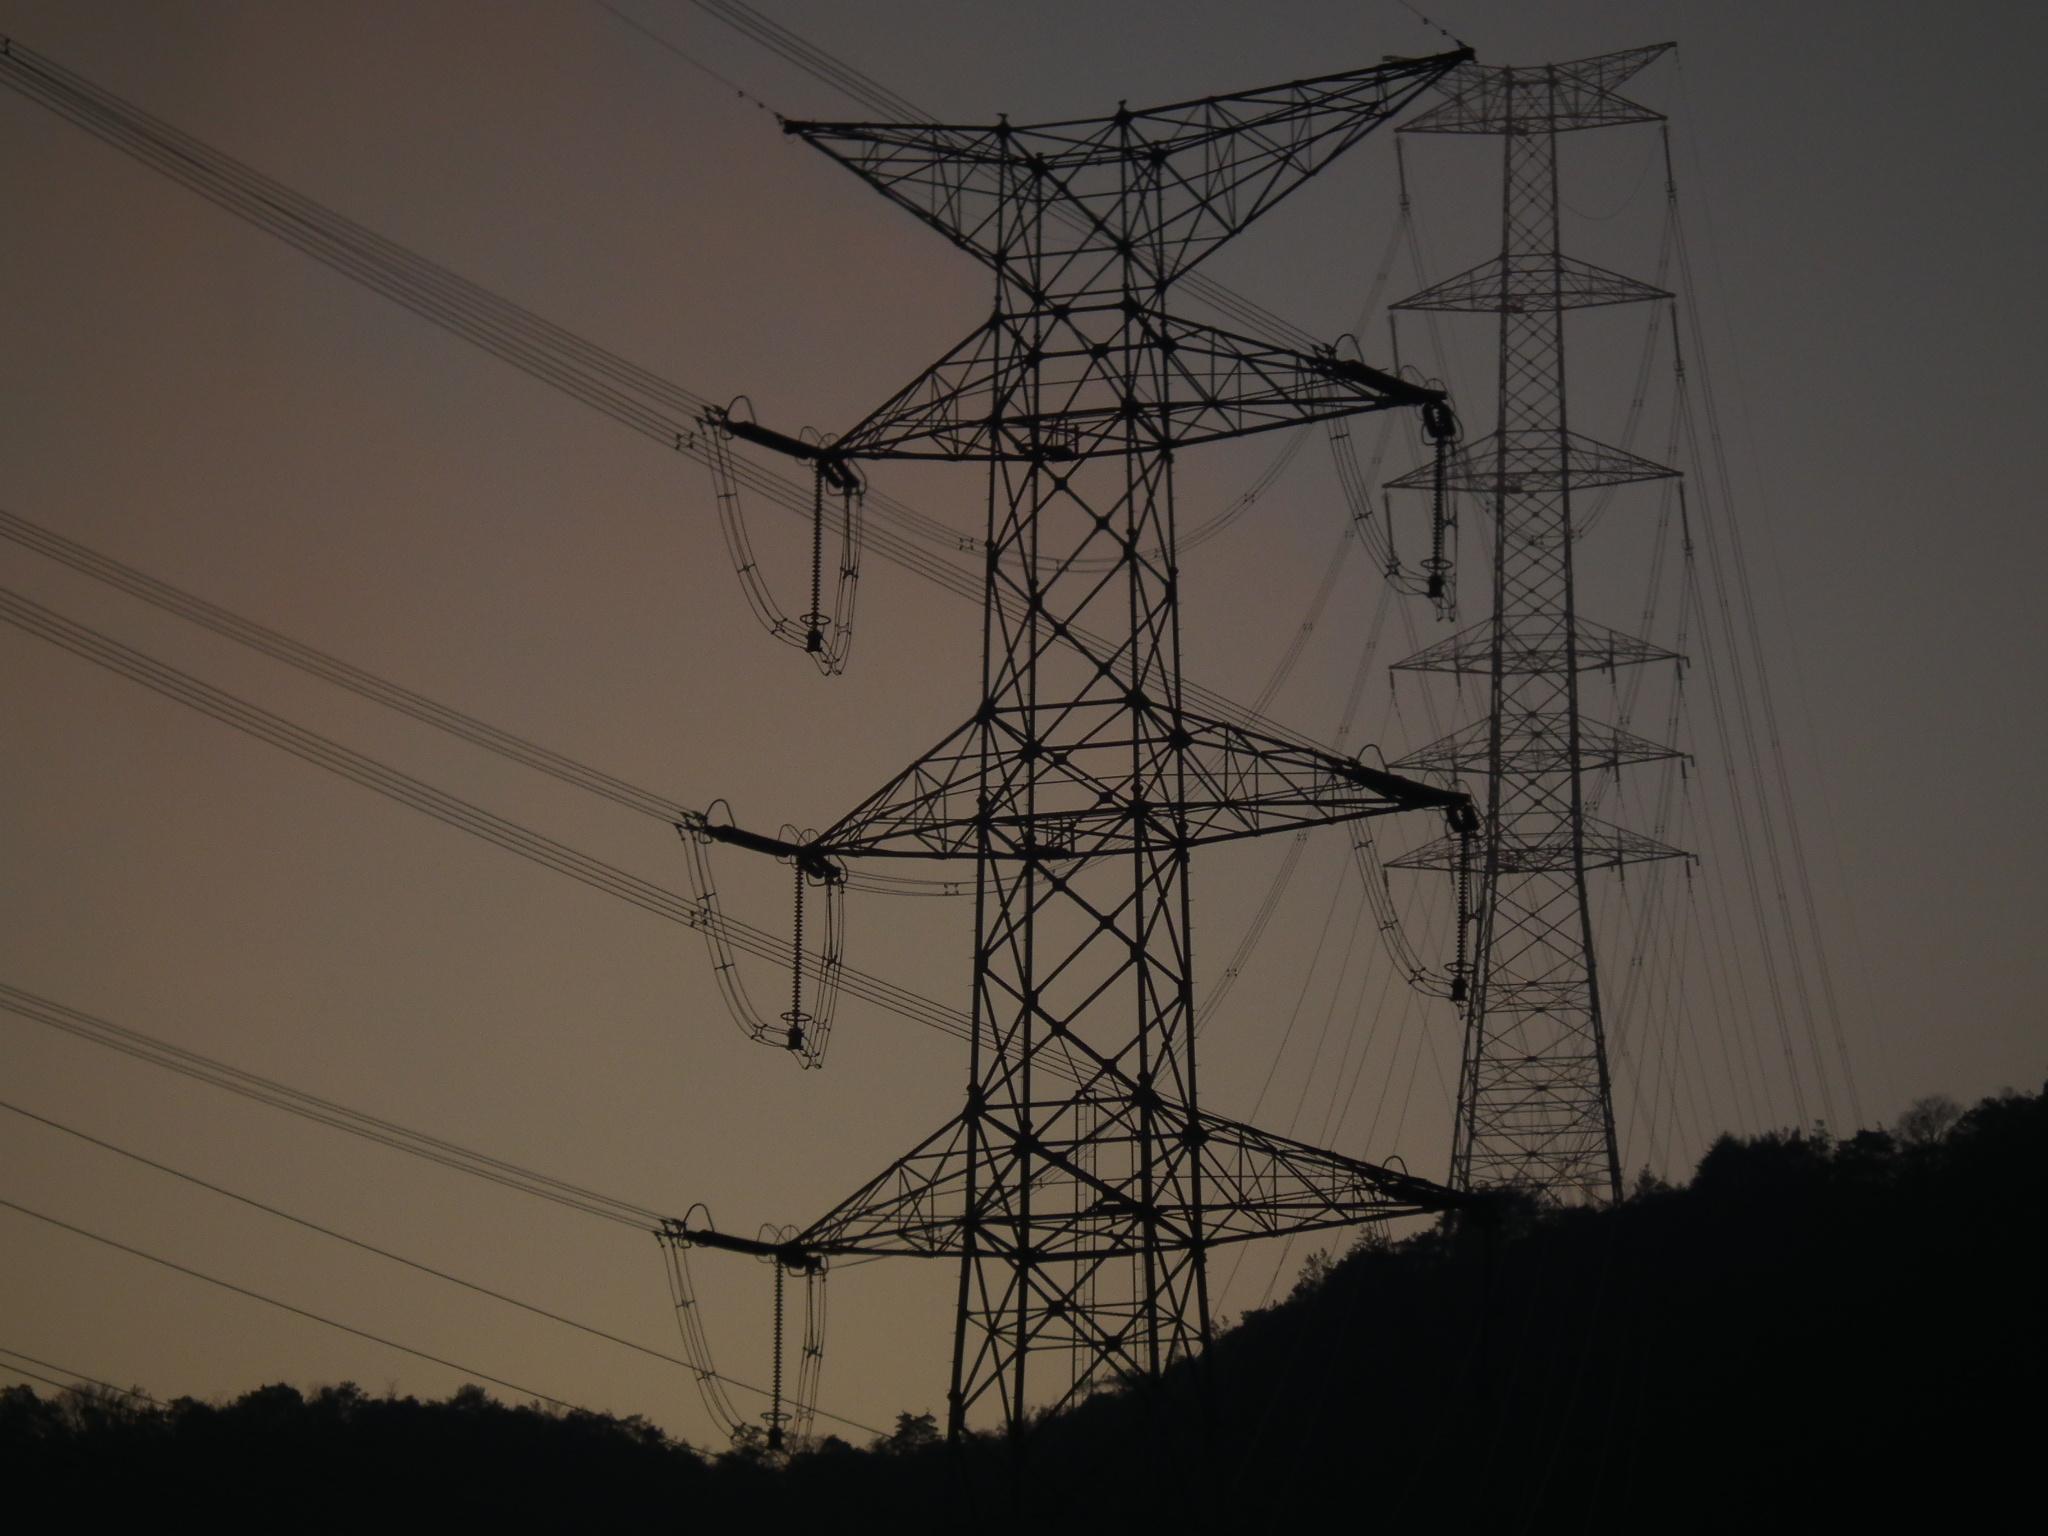 Power Line High Voltage